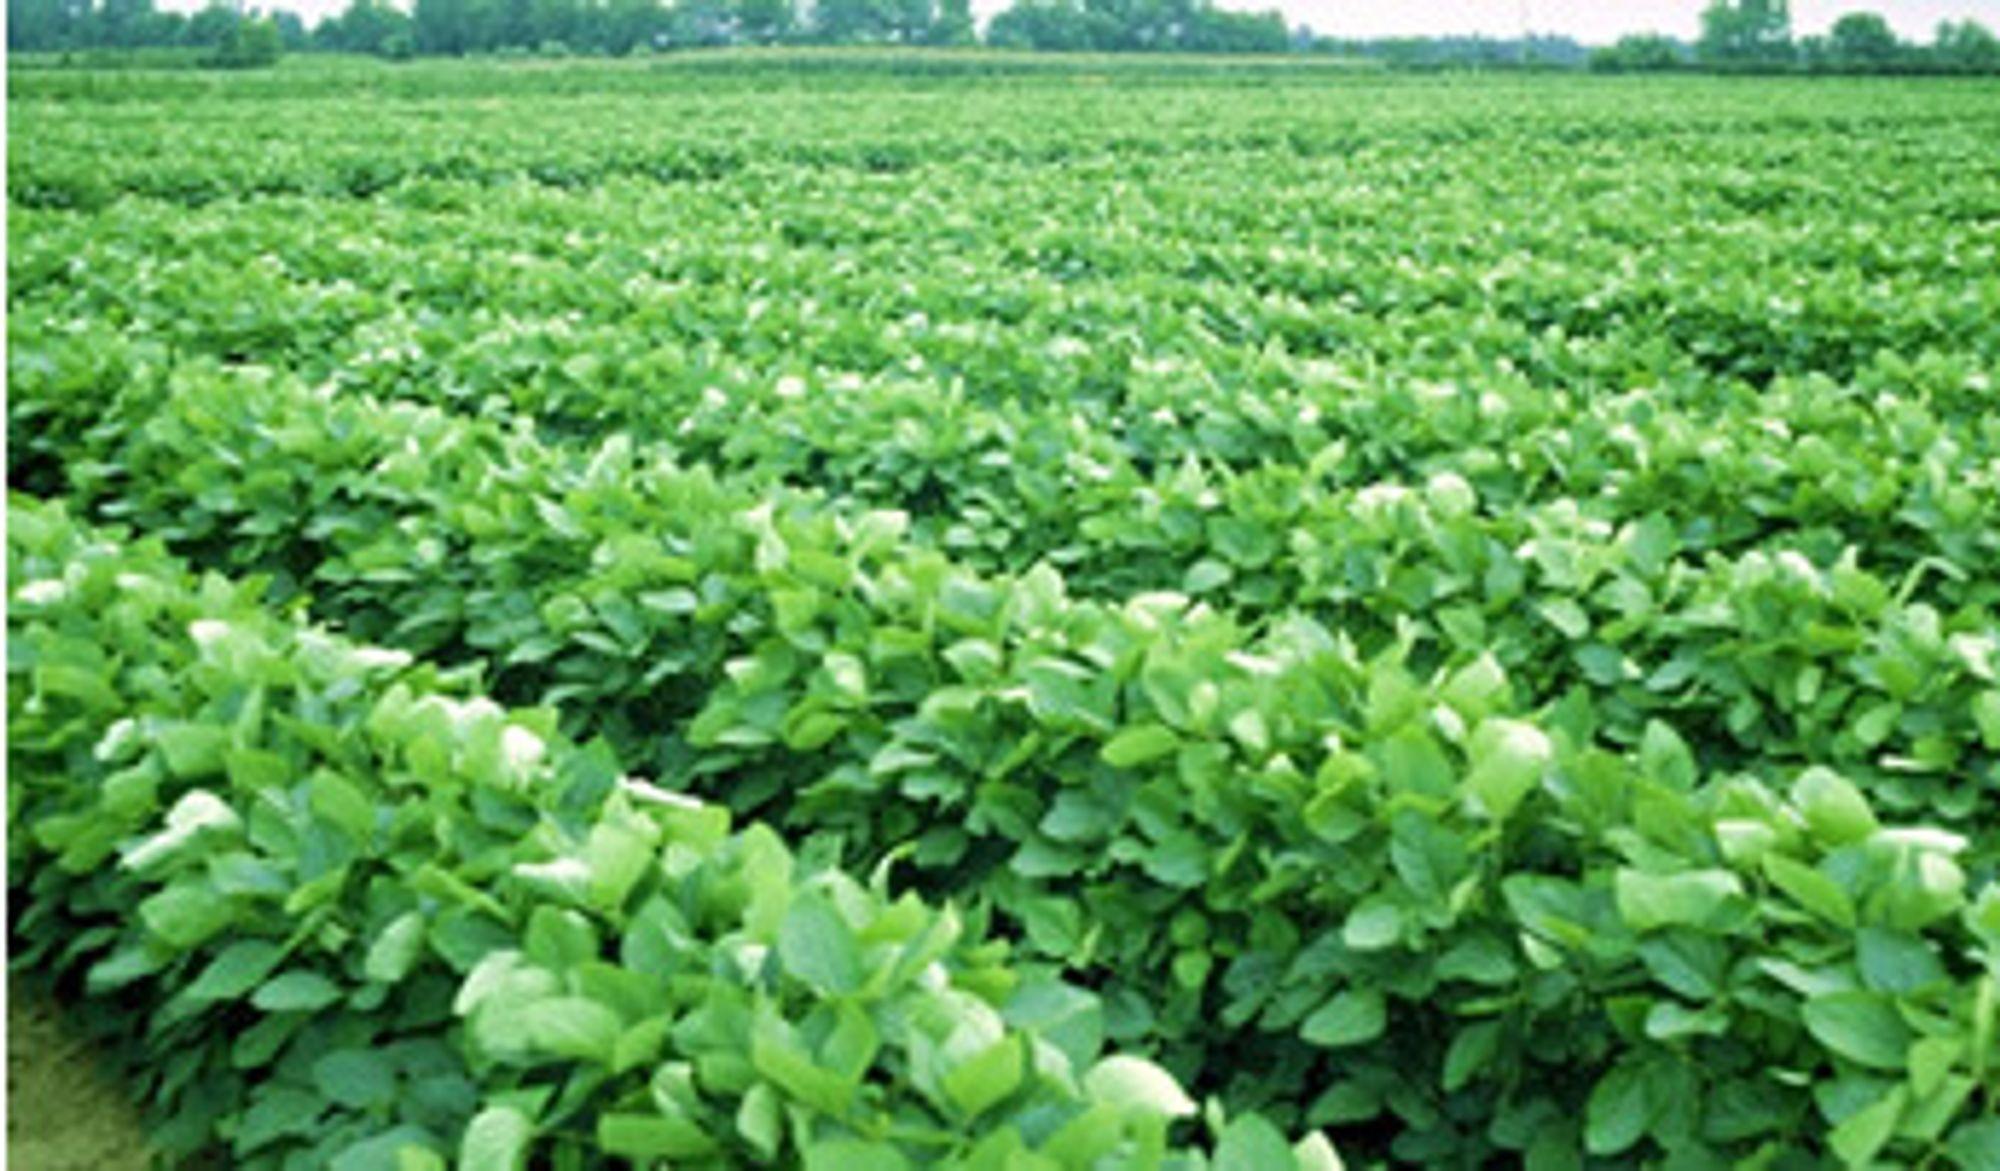 Avlingene blir dårligere. Genmodifiserte soyabønner har medført økt bruk av sprøytemidler.